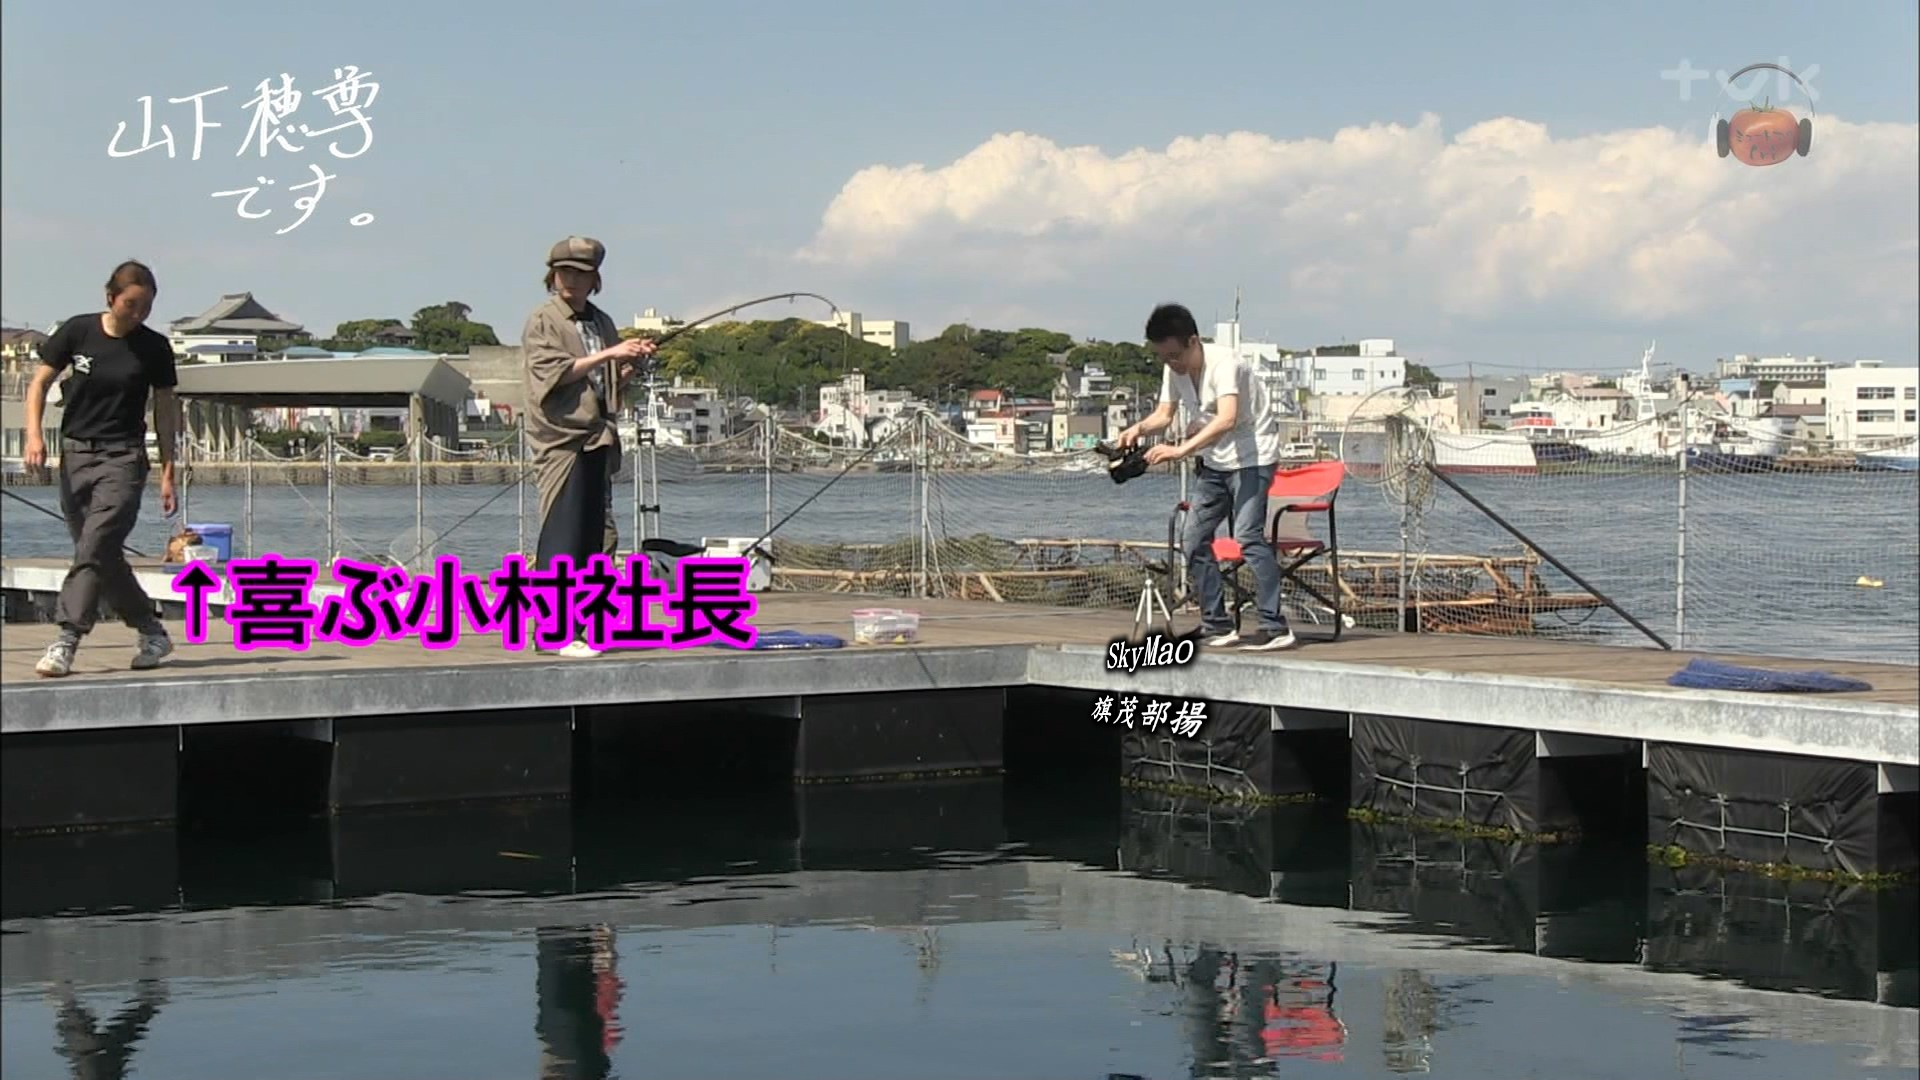 2017.07.14 全場(ミュートマ2).ts_20170715_003936.224